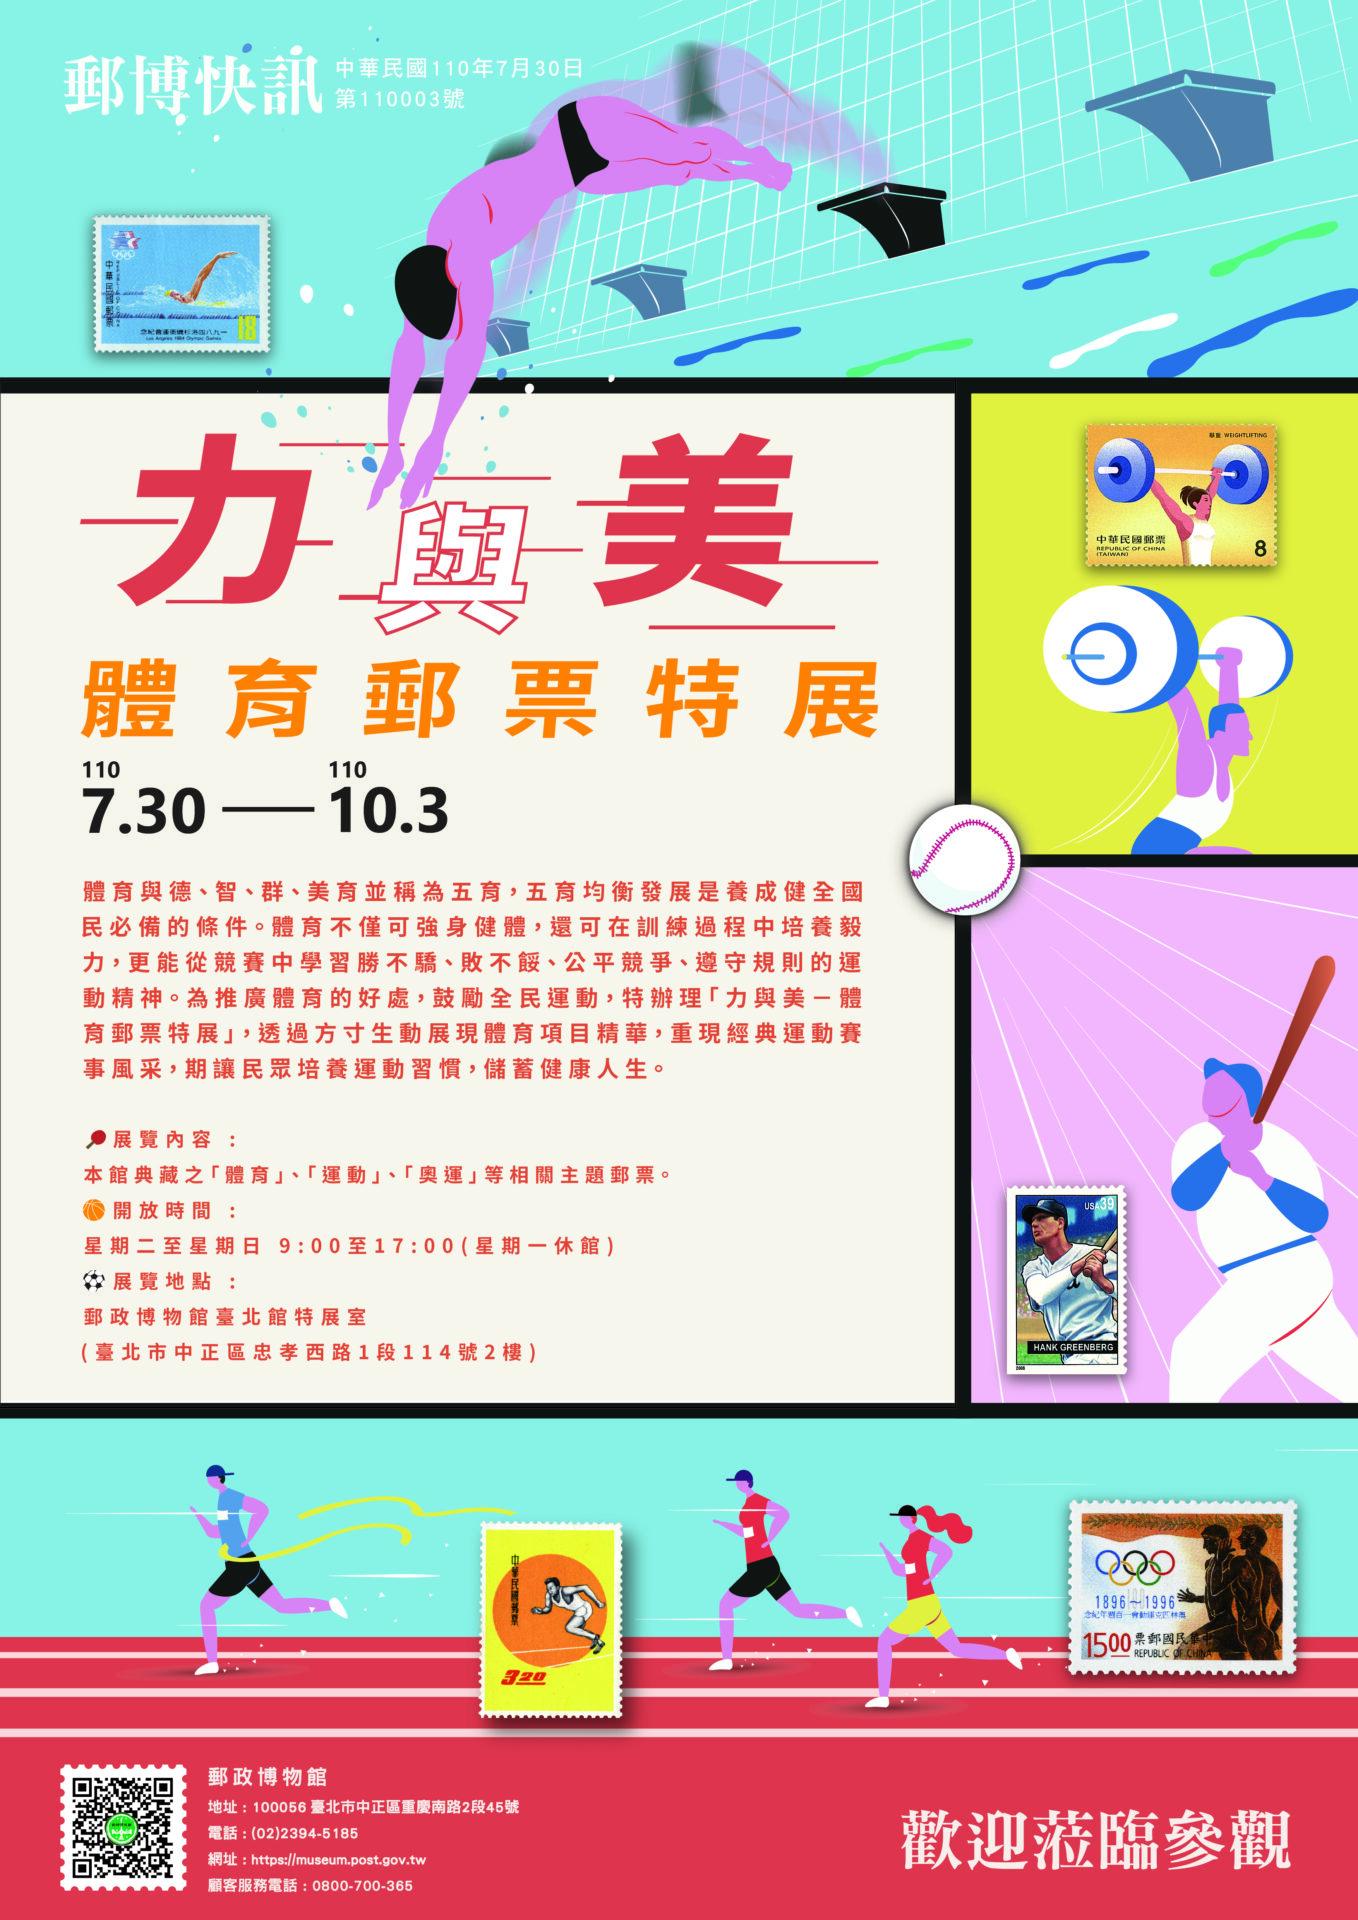 郵政博物館:7/30-10/3【力與美-體育郵票特展】